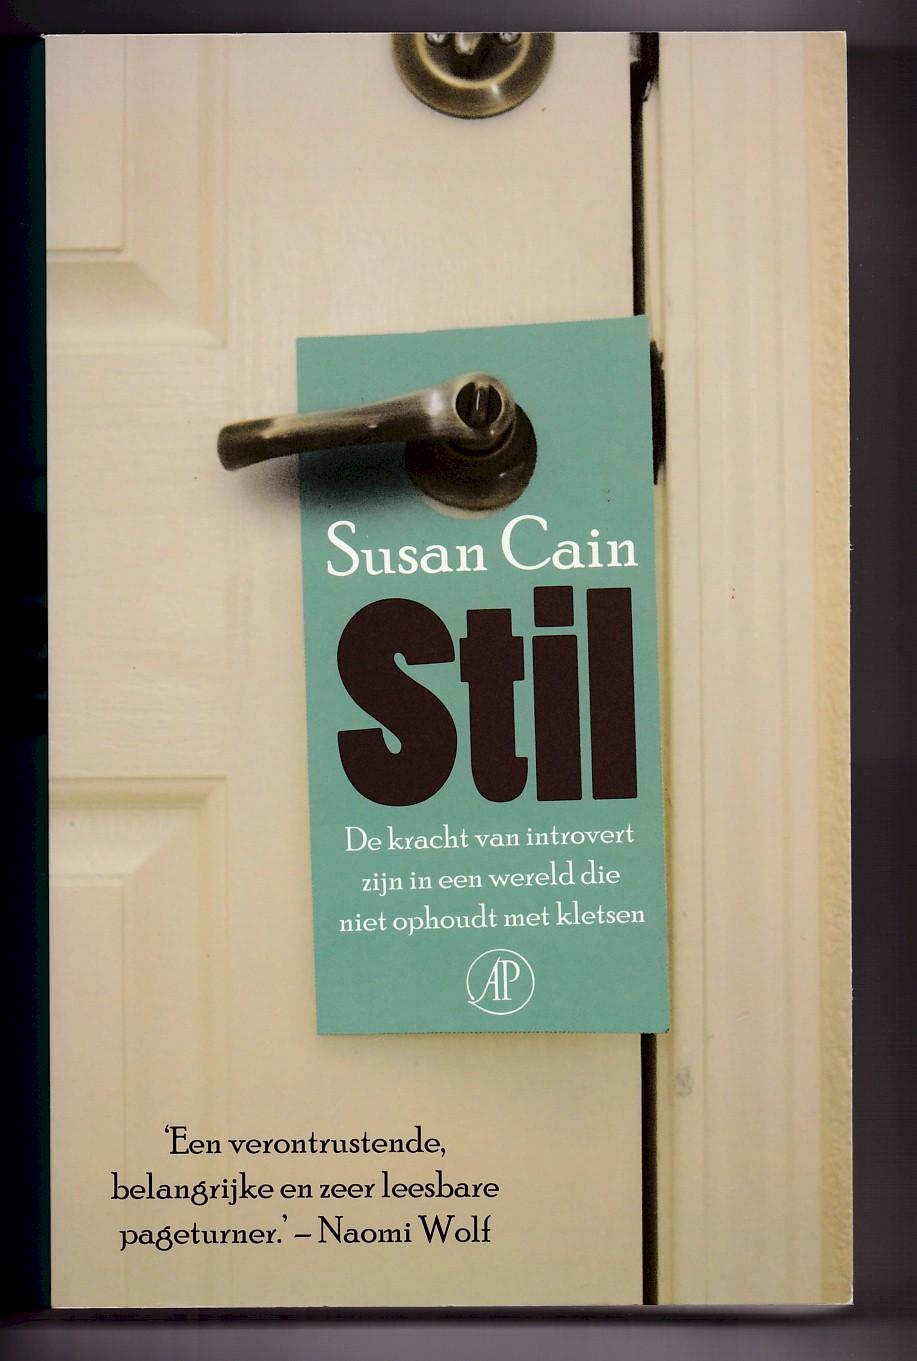 CAIN, SUSAN - Stil. De kracht van introvert zijn in een wereld die niet ophoudt met kletsen